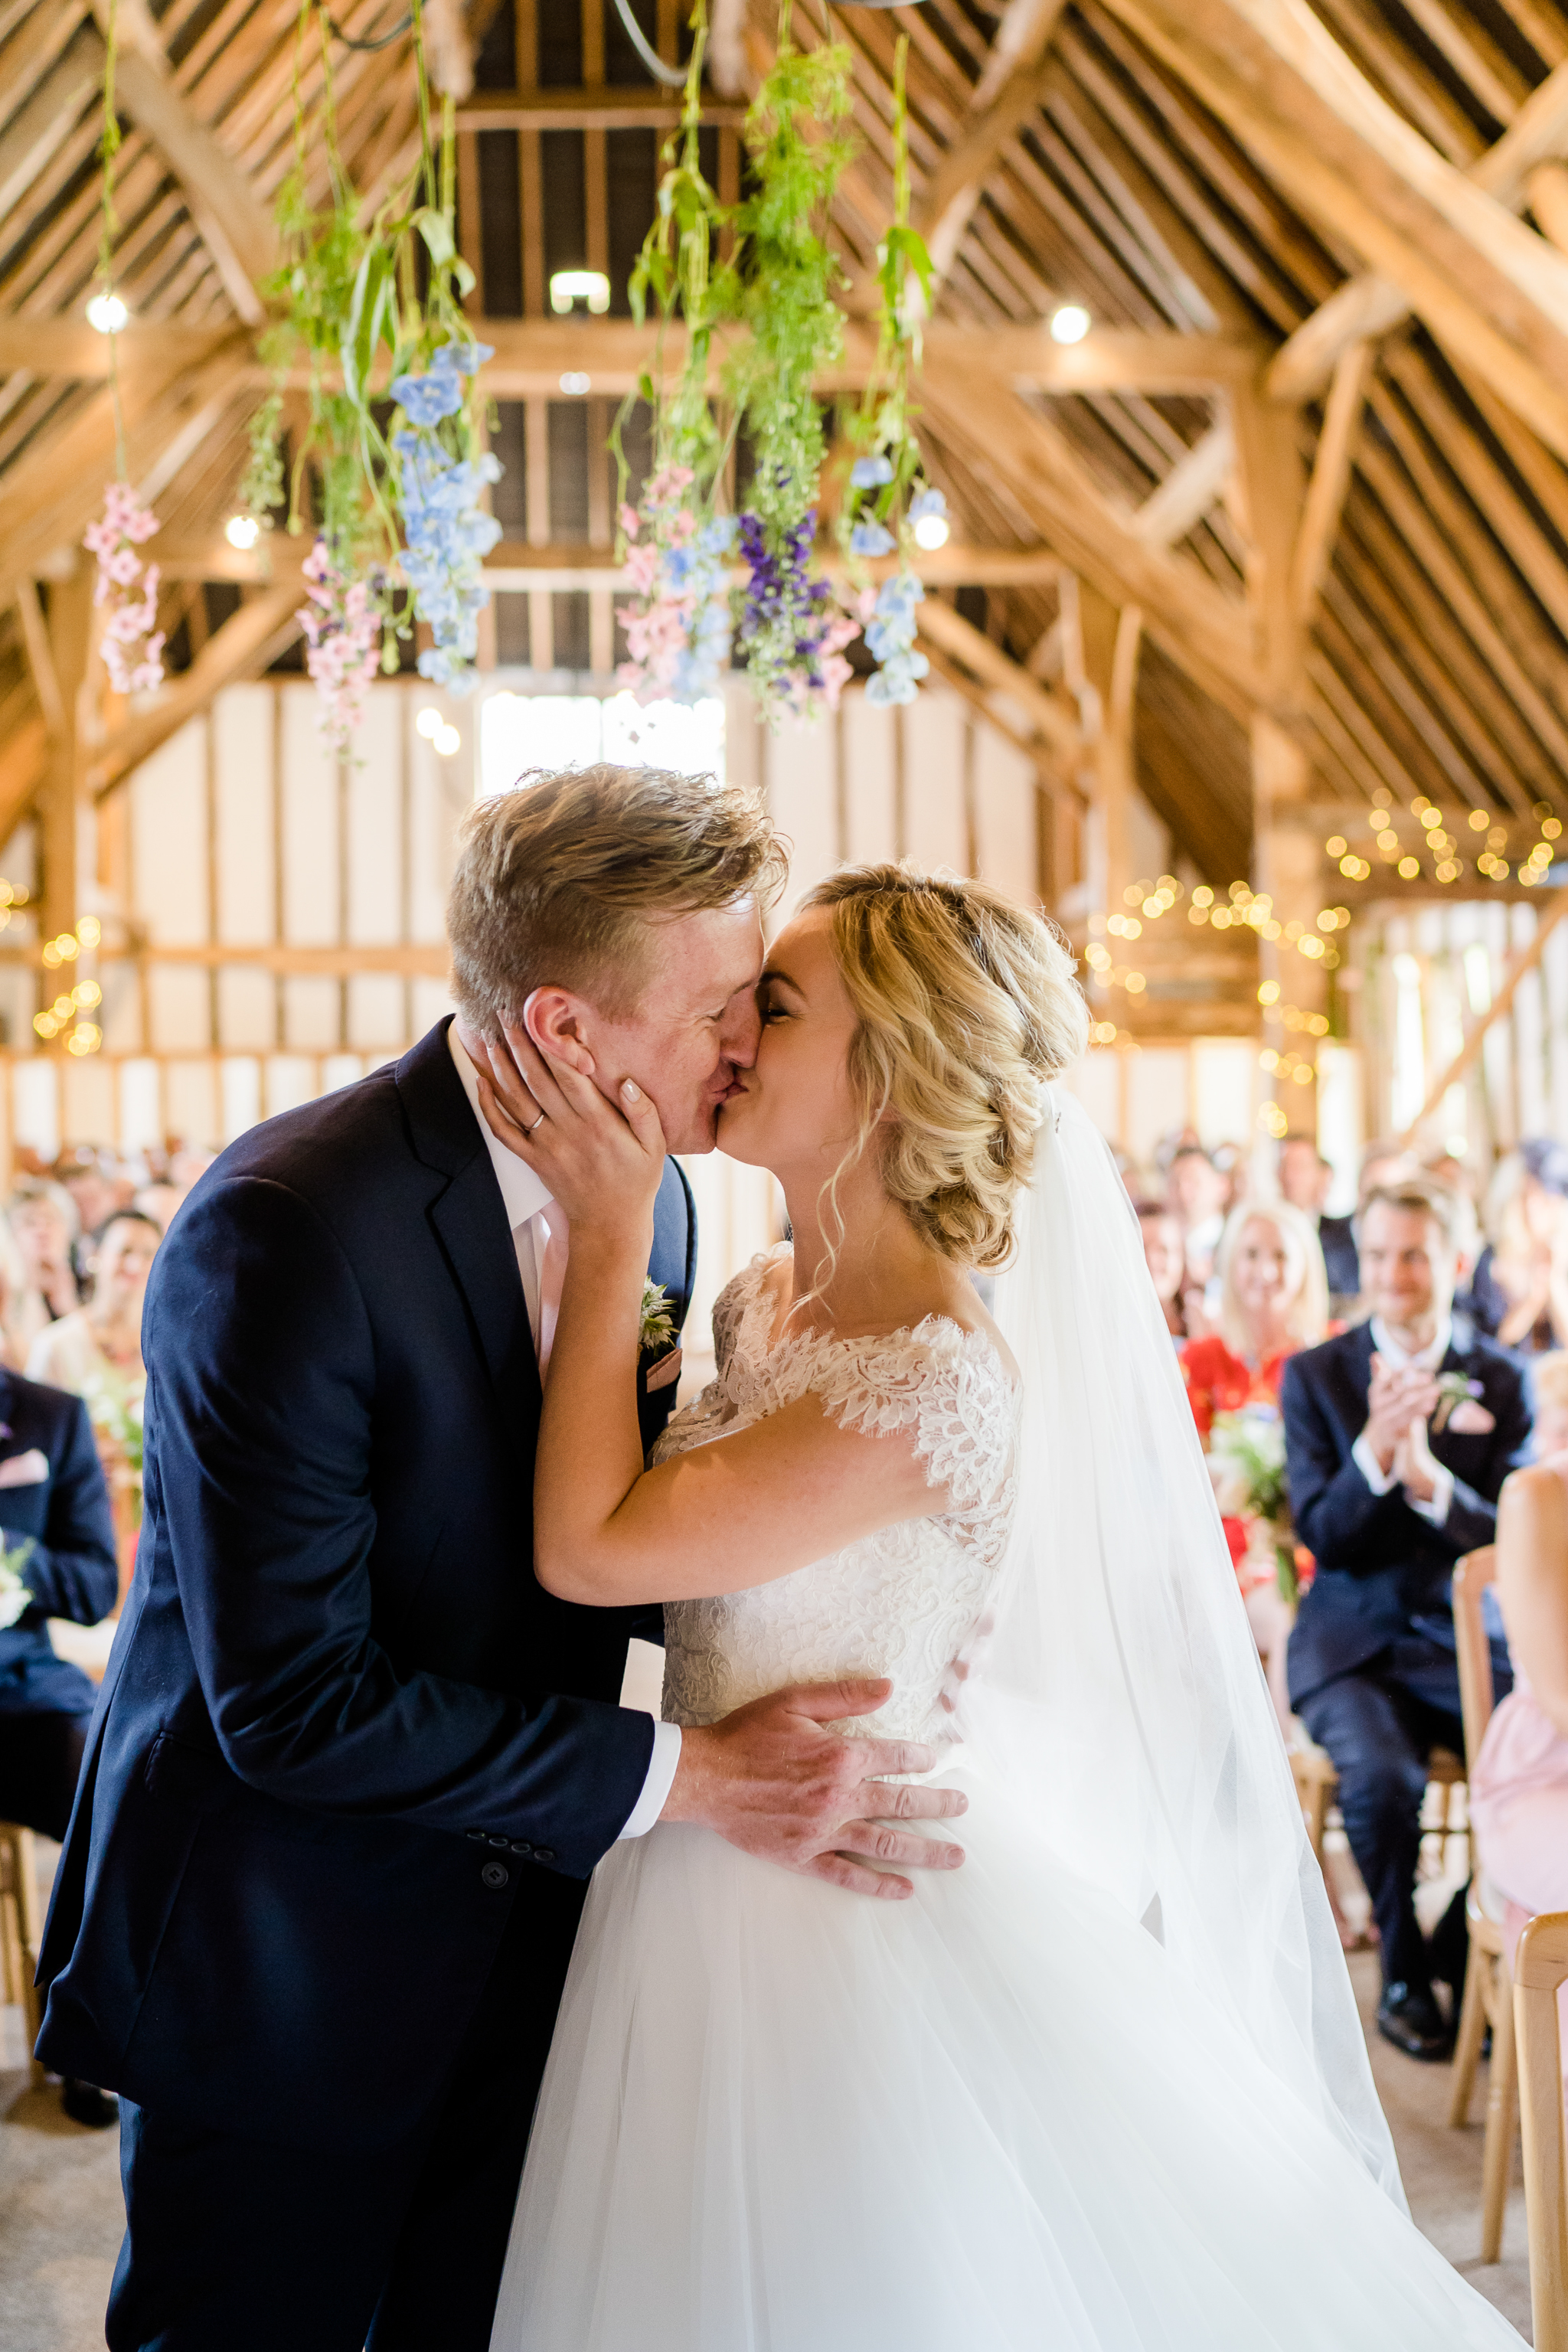 wedding ceremony at Clock Barn wedding venue in Hampshire